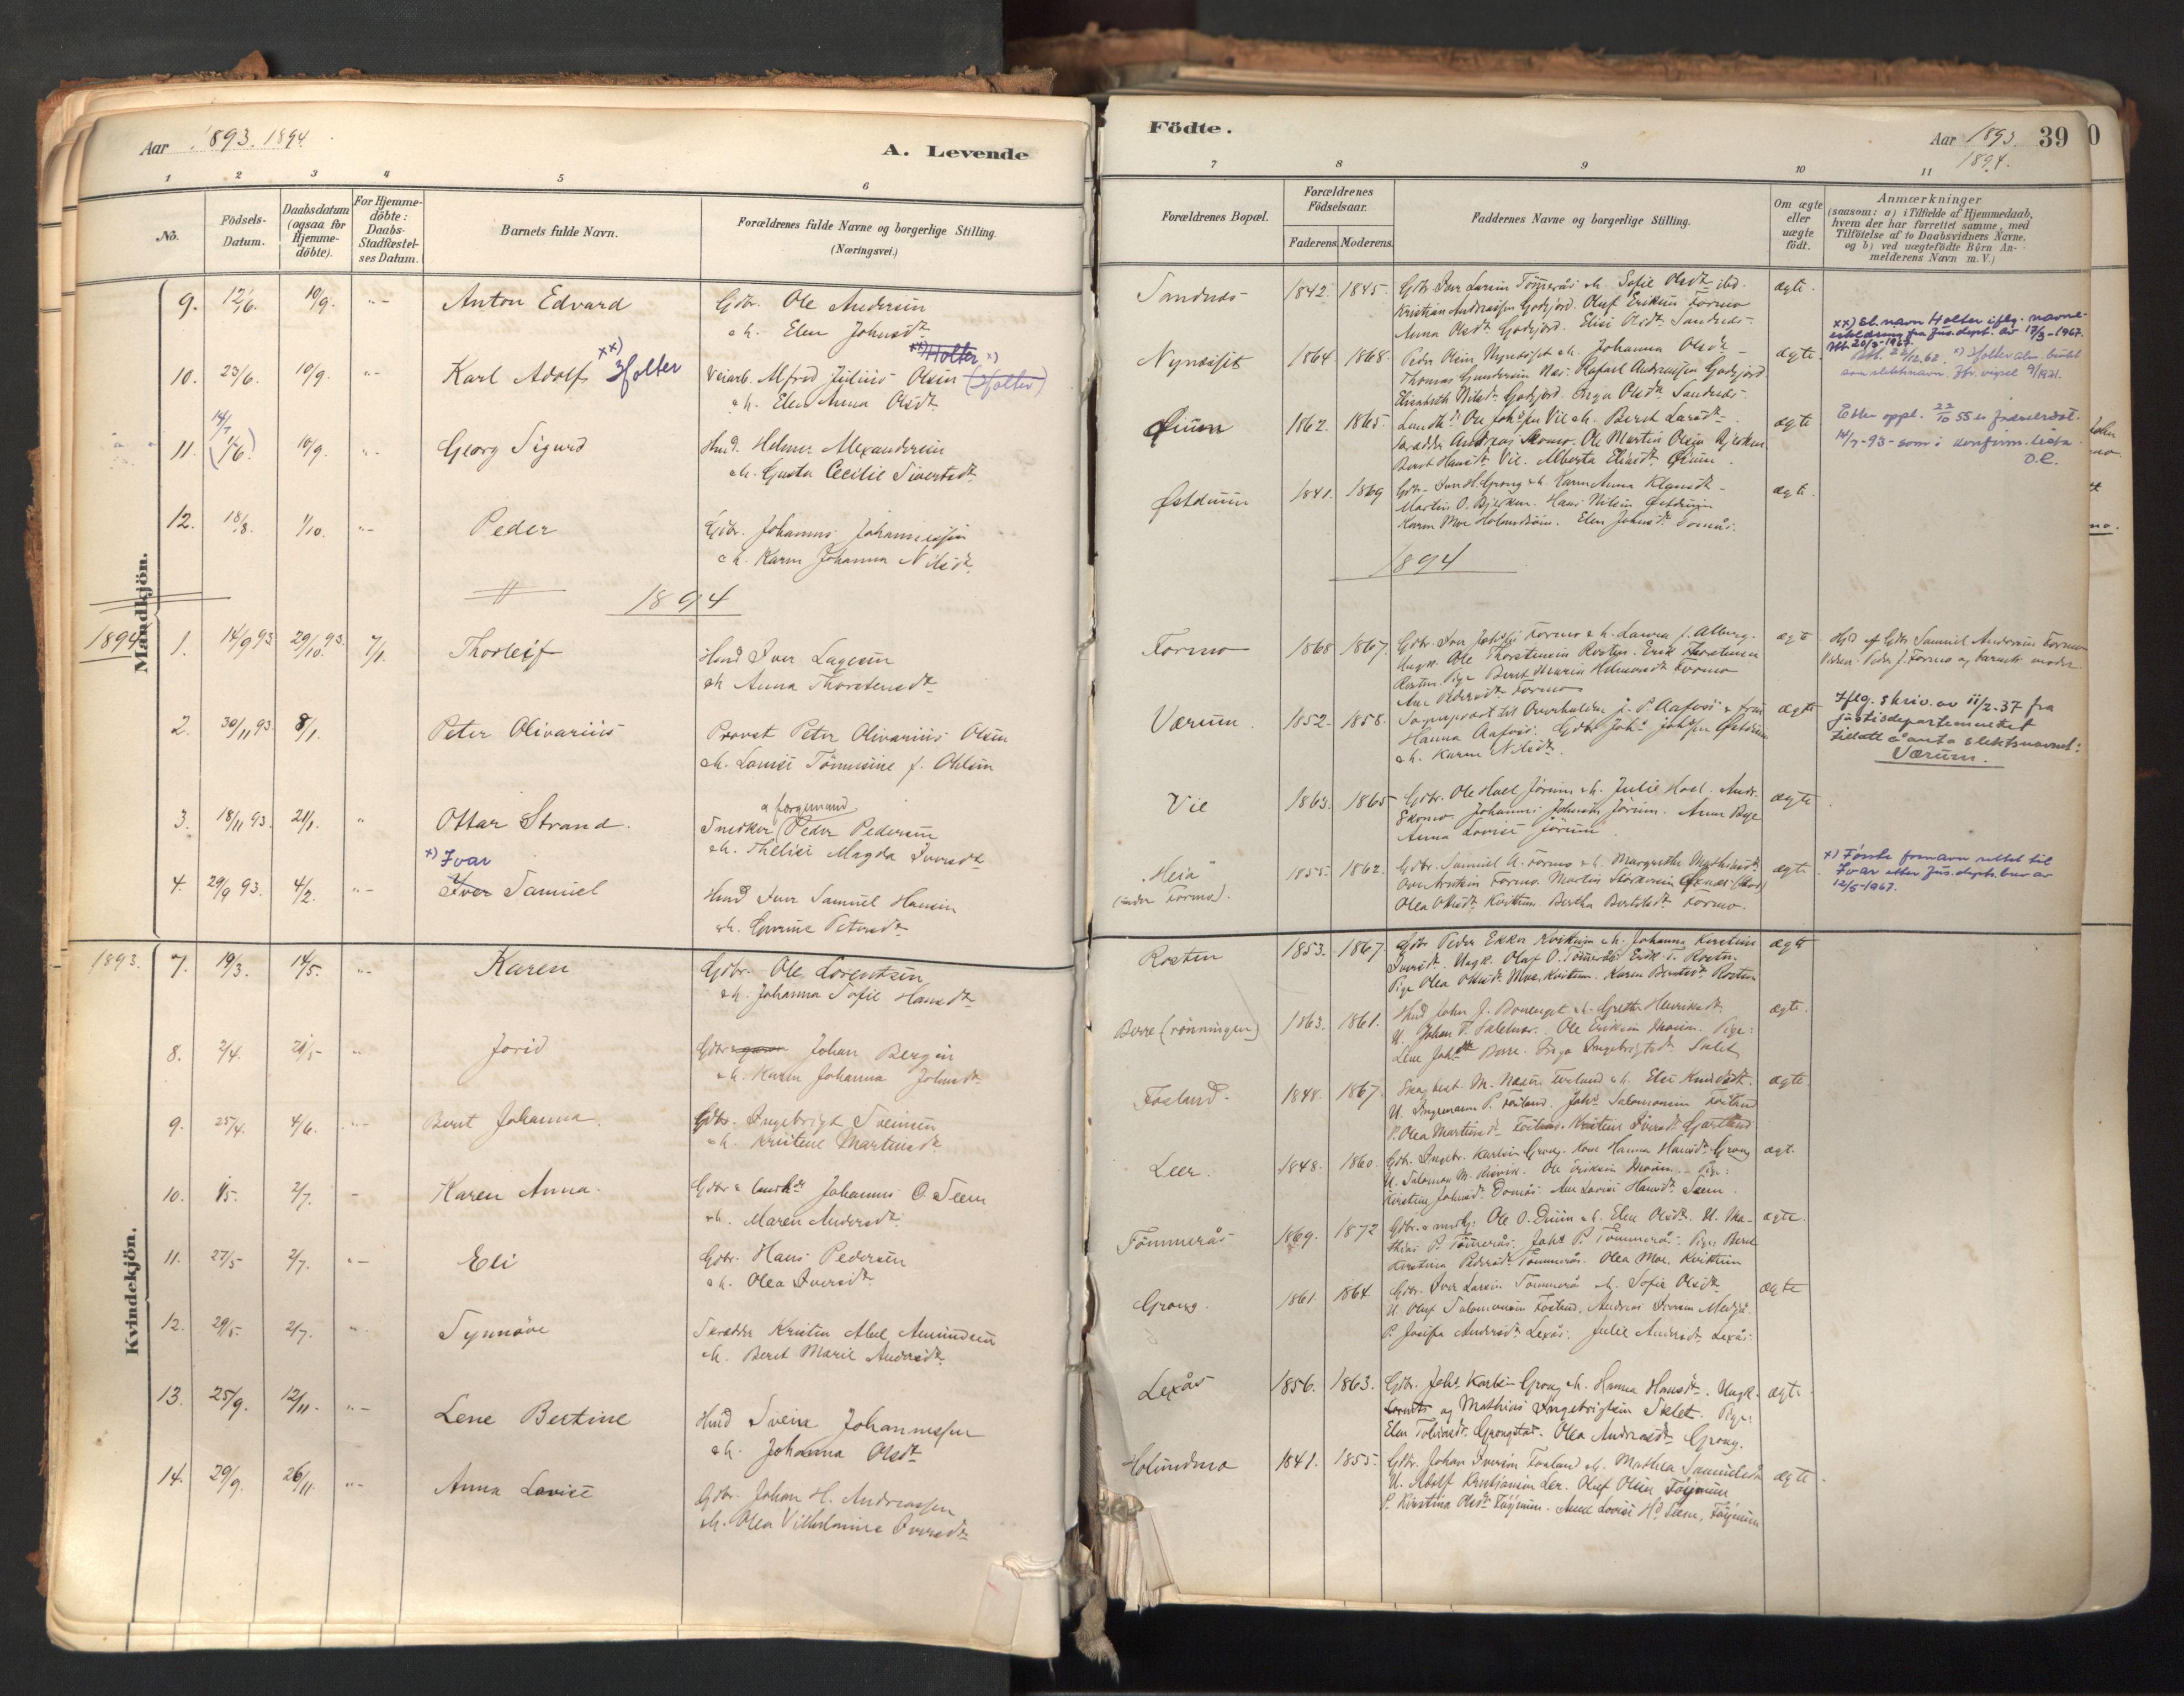 SAT, Ministerialprotokoller, klokkerbøker og fødselsregistre - Nord-Trøndelag, 758/L0519: Ministerialbok nr. 758A04, 1880-1926, s. 39